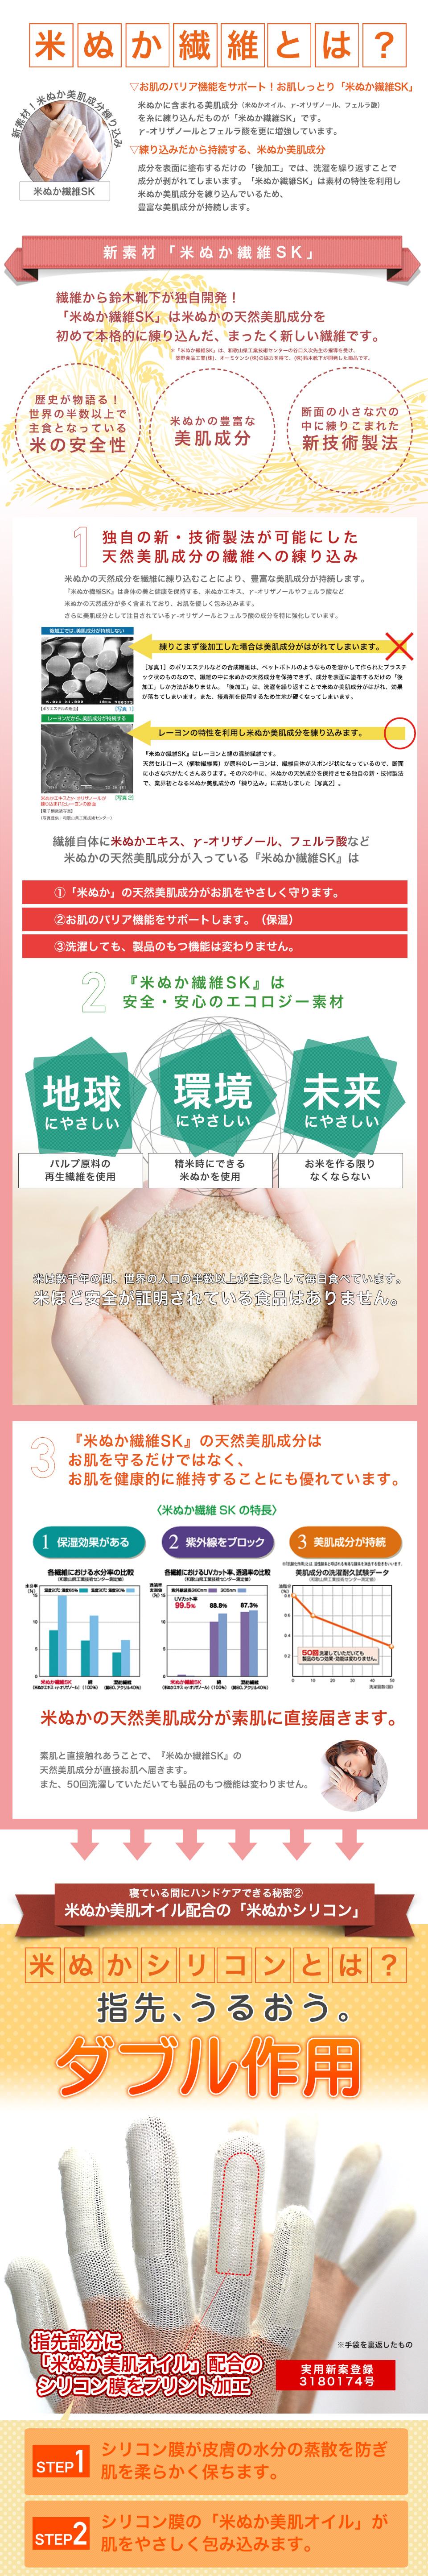 米ぬかおやすみ手袋は、荒れやすい指先まで優しく保湿。米ぬか美肌オイルが肌を優しく包むハンドケア手袋です。